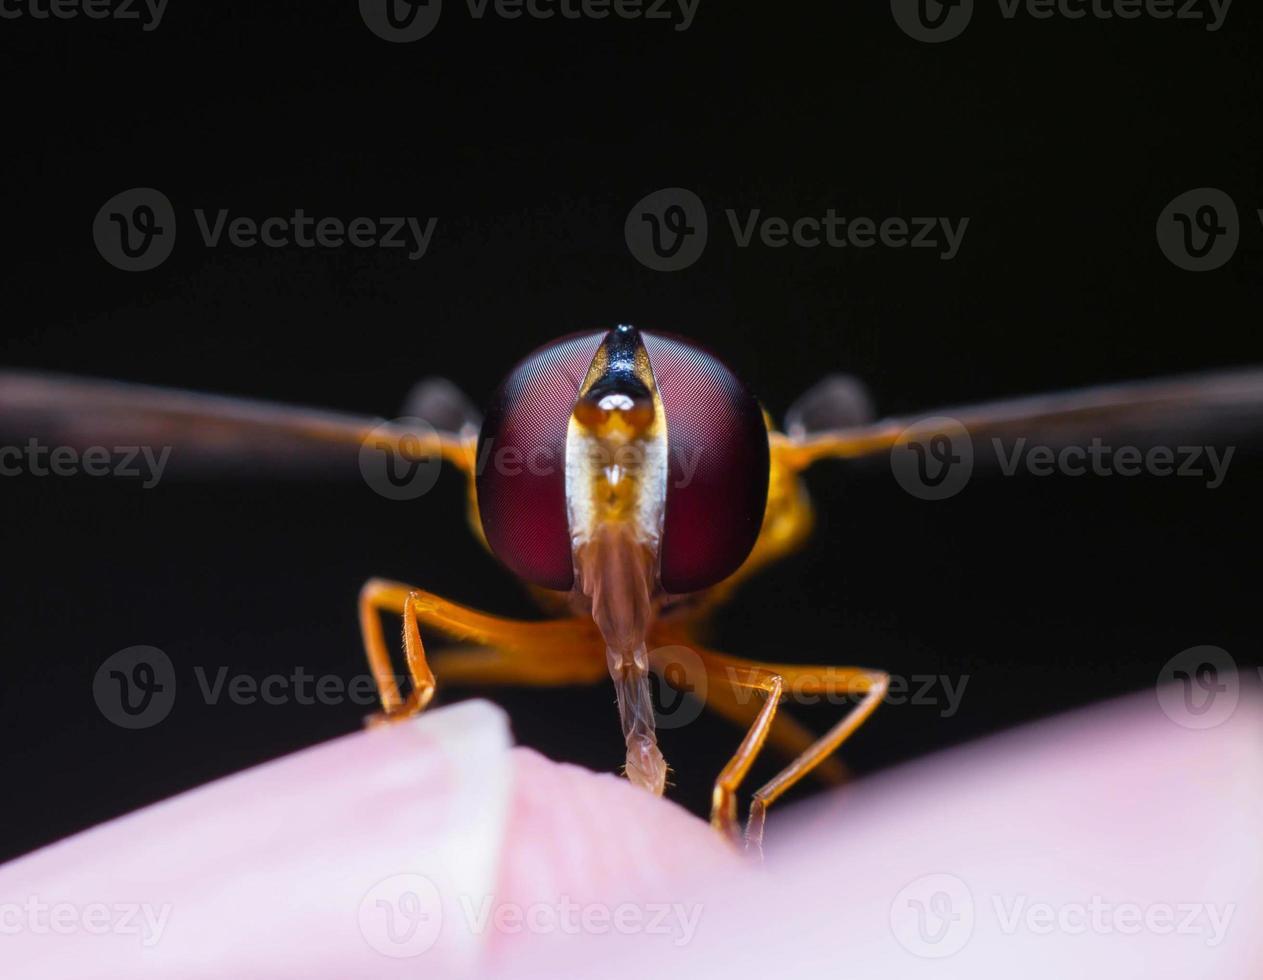 oog van insect foto